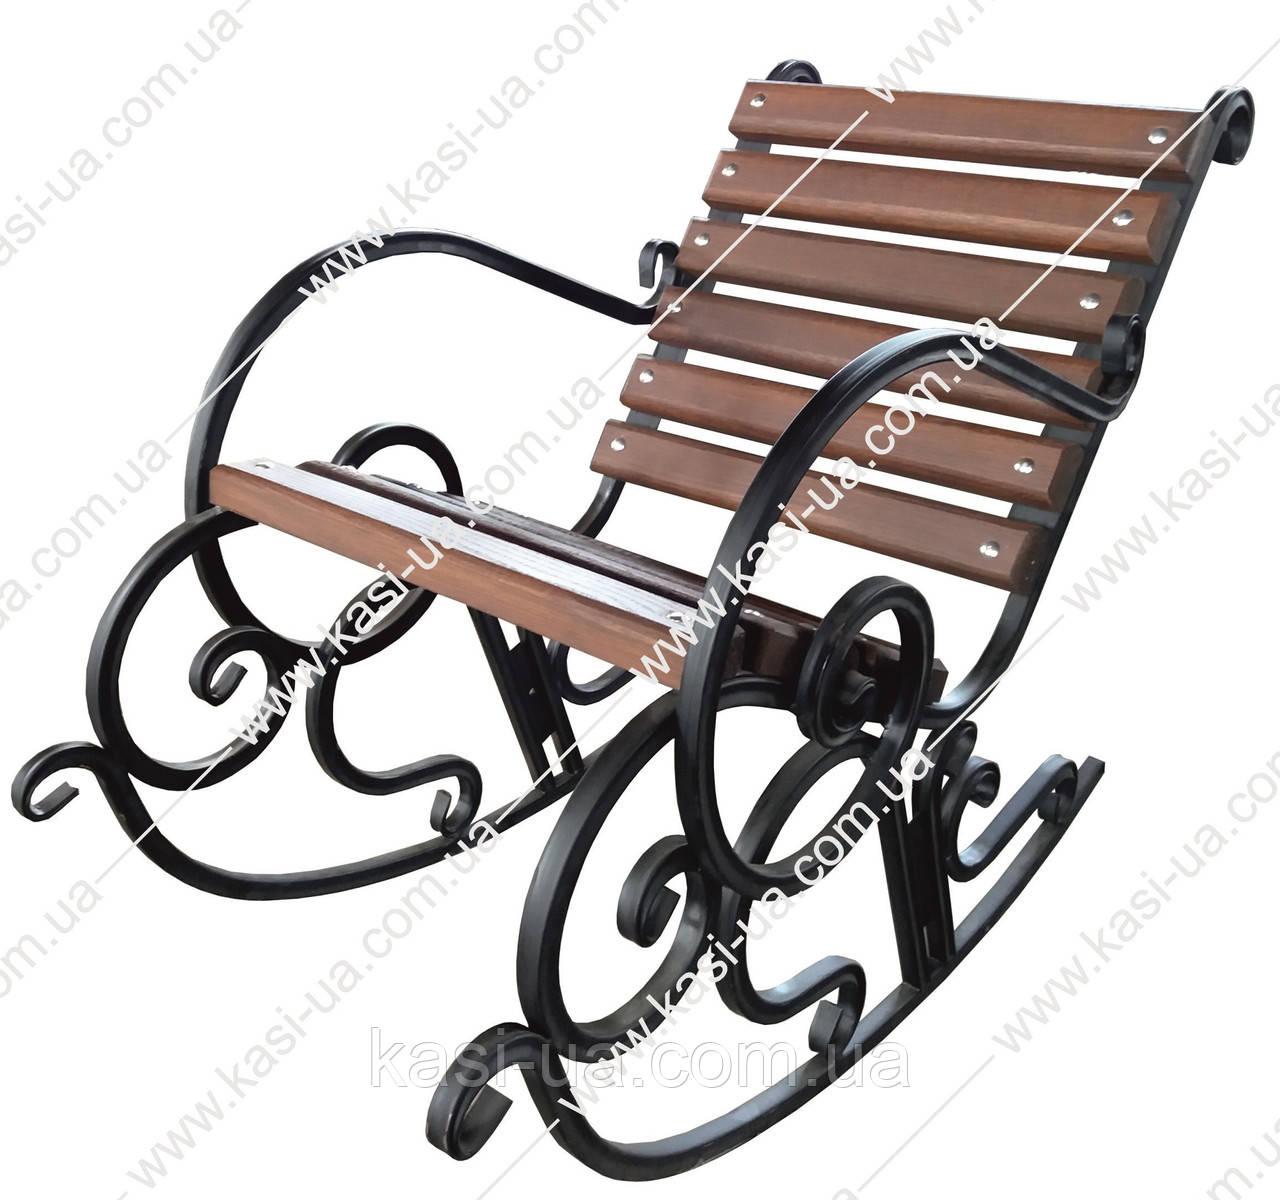 Кресло-качалка металическое №1